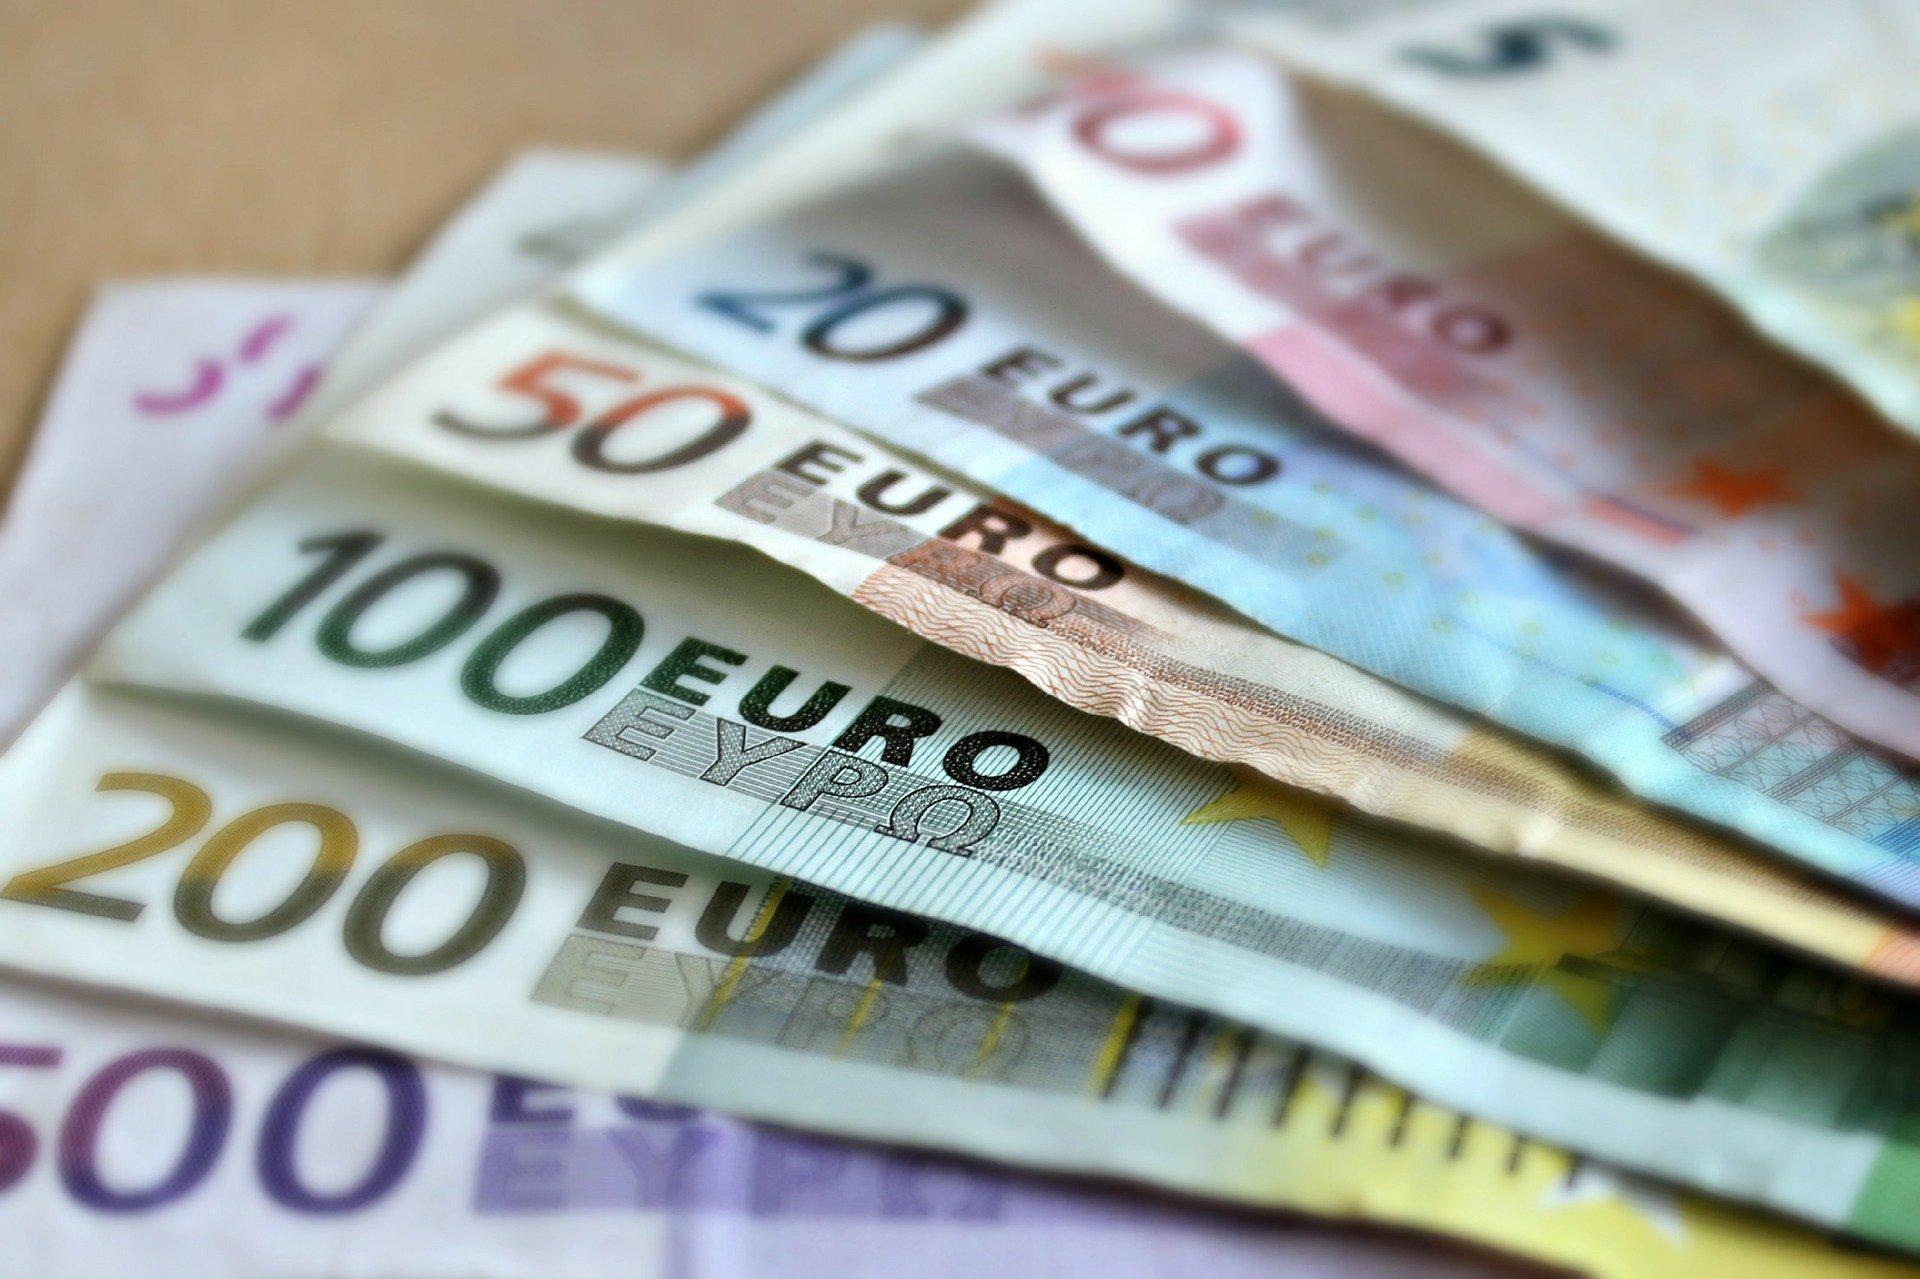 Нацбанк очікує надходження траншу МВФ до кінця 2020 року